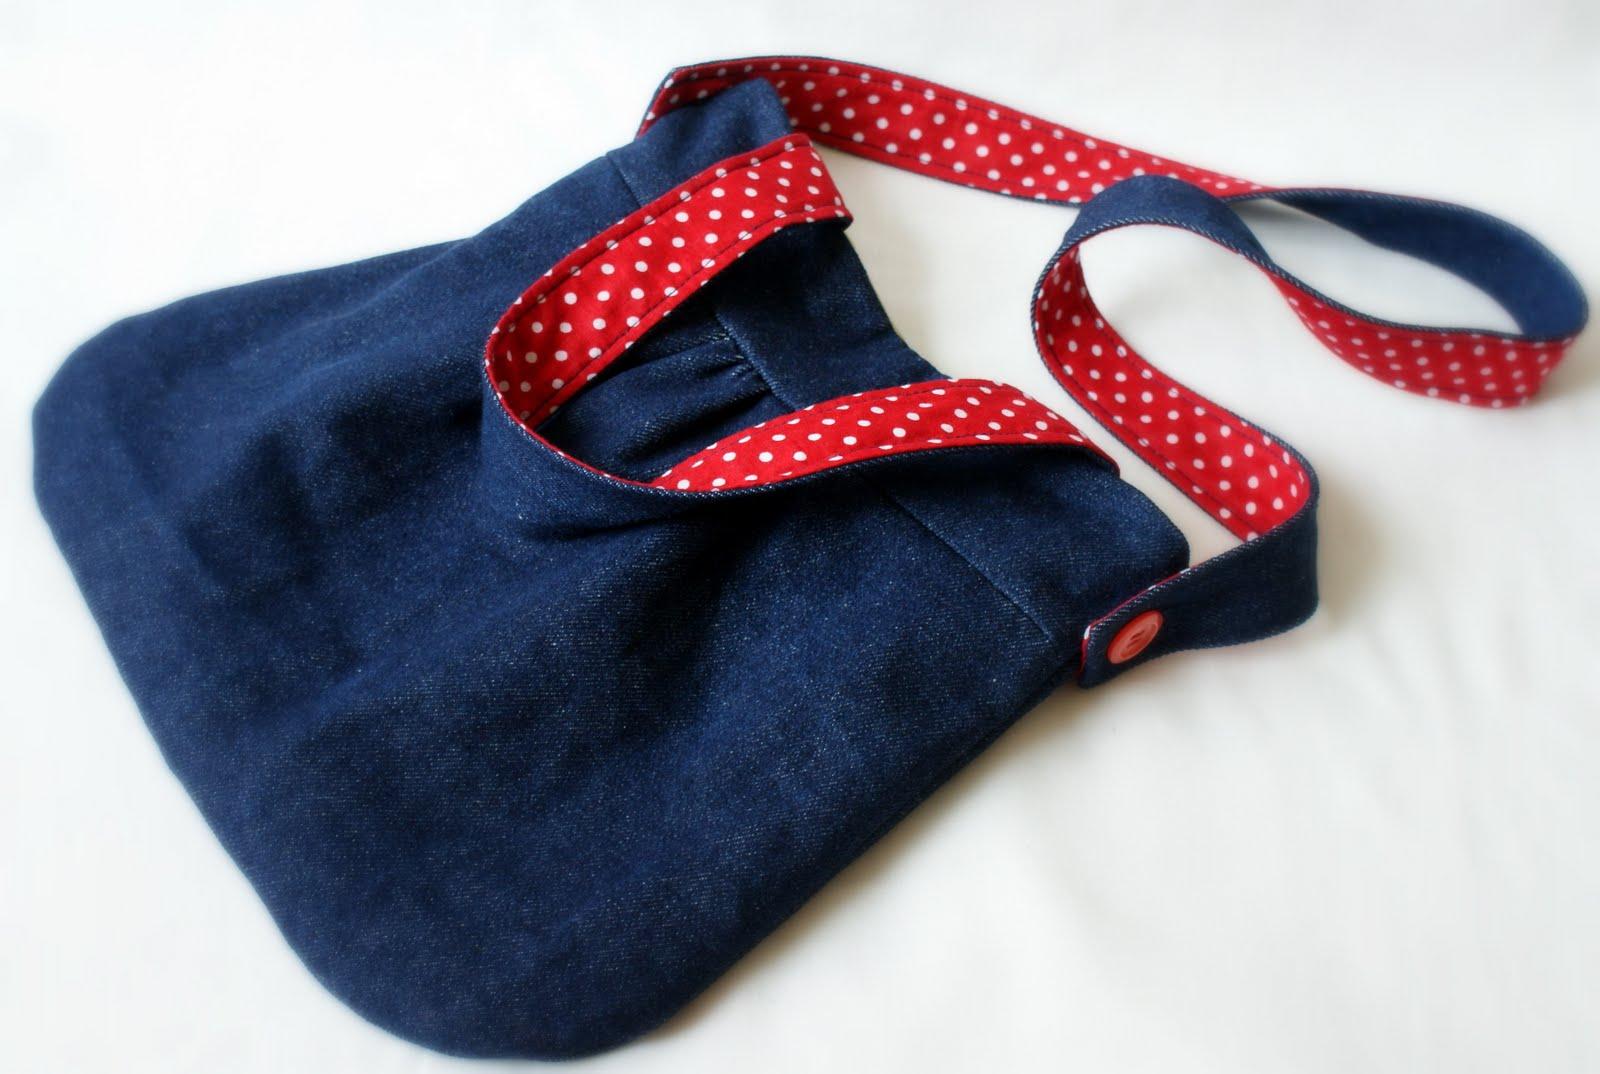 aec0a6a30792 Джинсовая сумочка для девочки. Попросили сшить сумочку ...